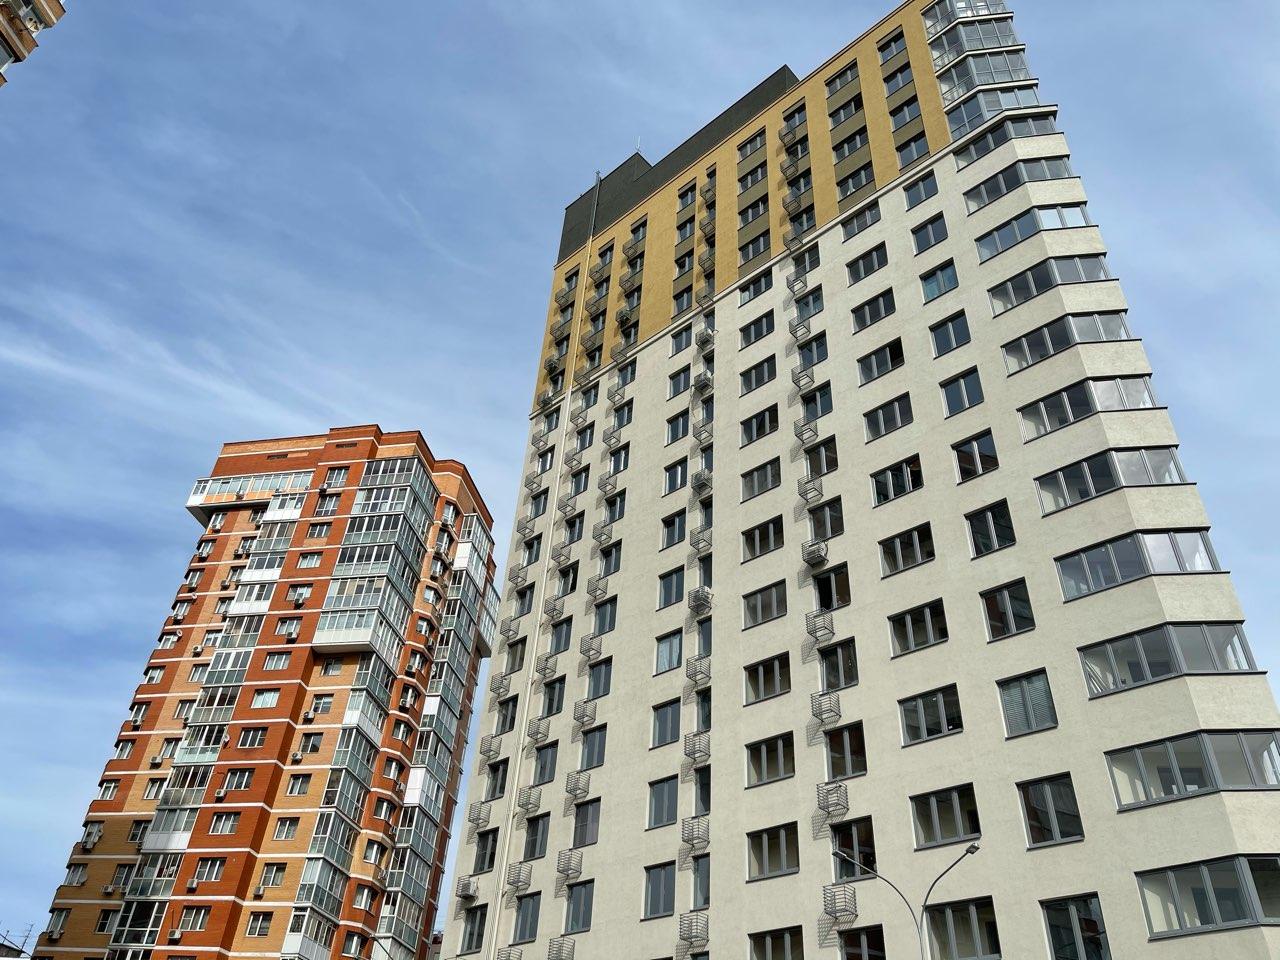 Минстрой сообщил о снижении спроса на жилье в России - фото 1